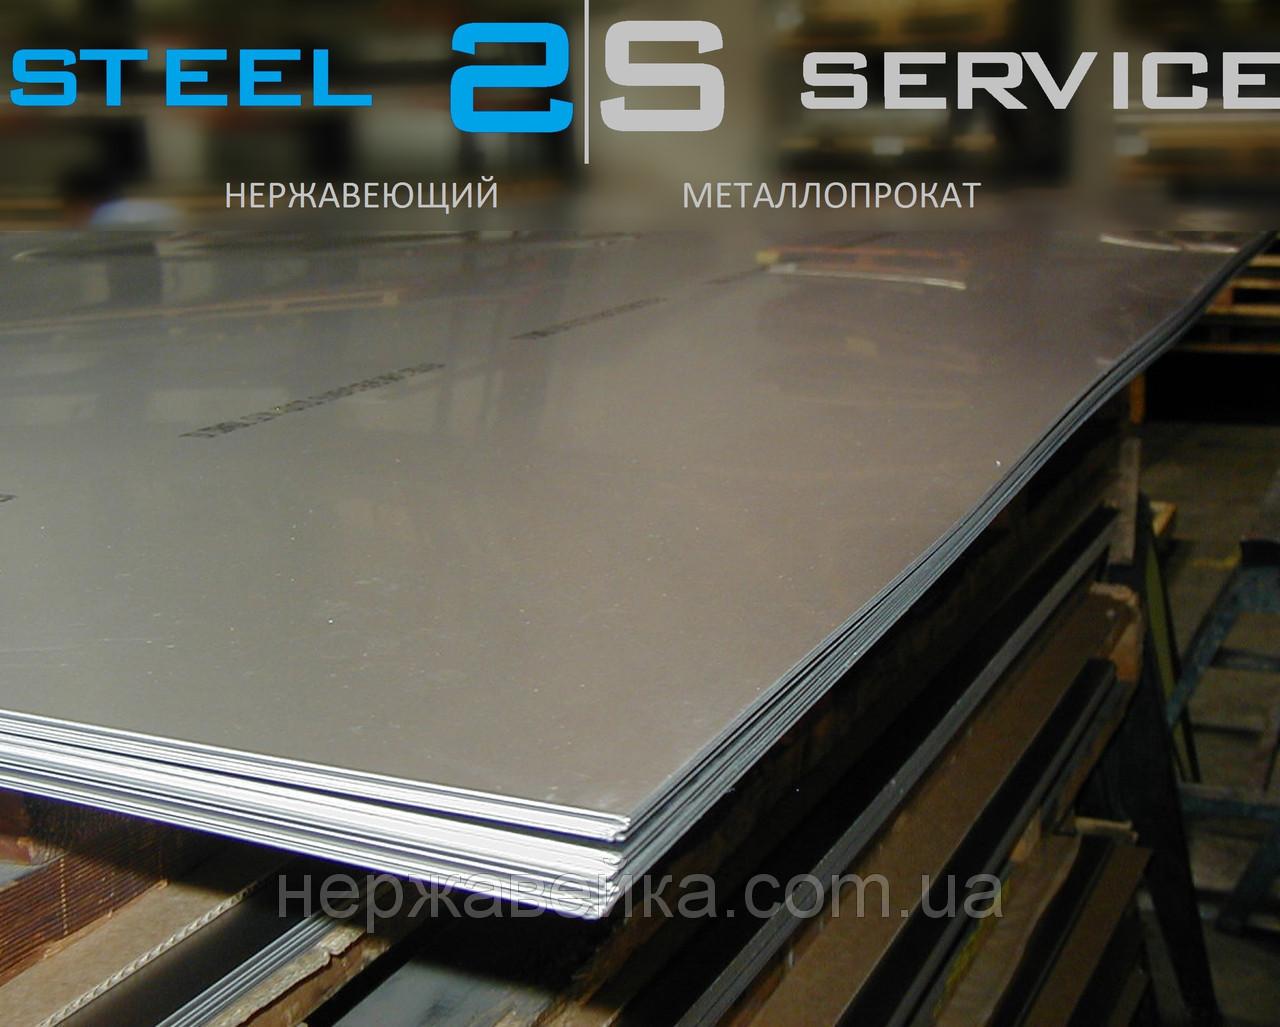 Листовая нержавейка 3х1000х2000мм AISI 430(12Х17) 4N - шлифованный, технический